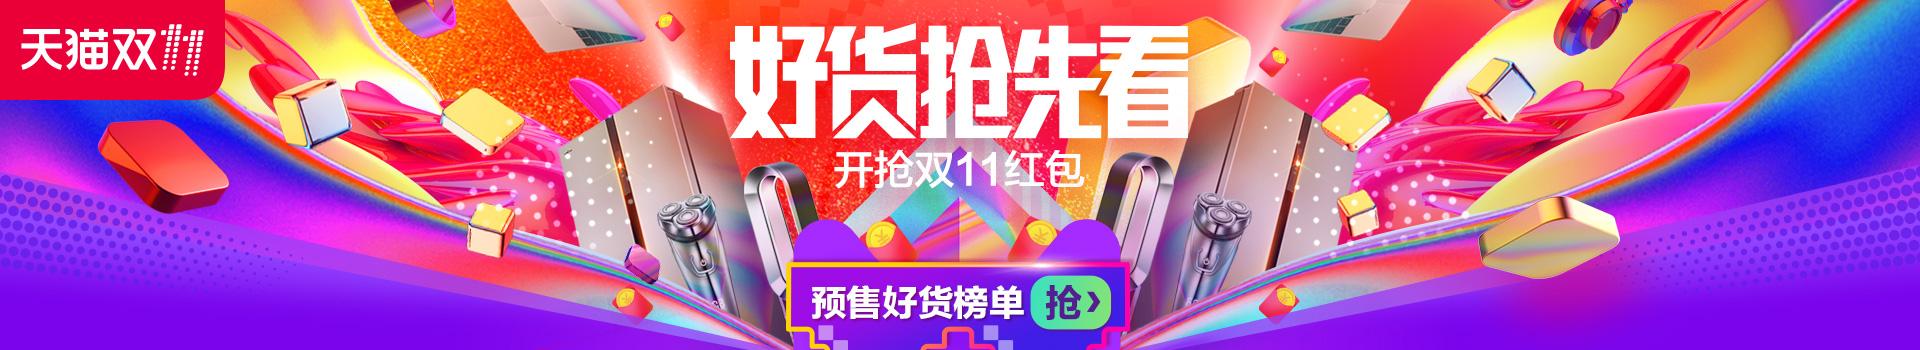 六尘布染——香黛宫·龚航宇秋冬旗袍时尚剧发布-倾城网